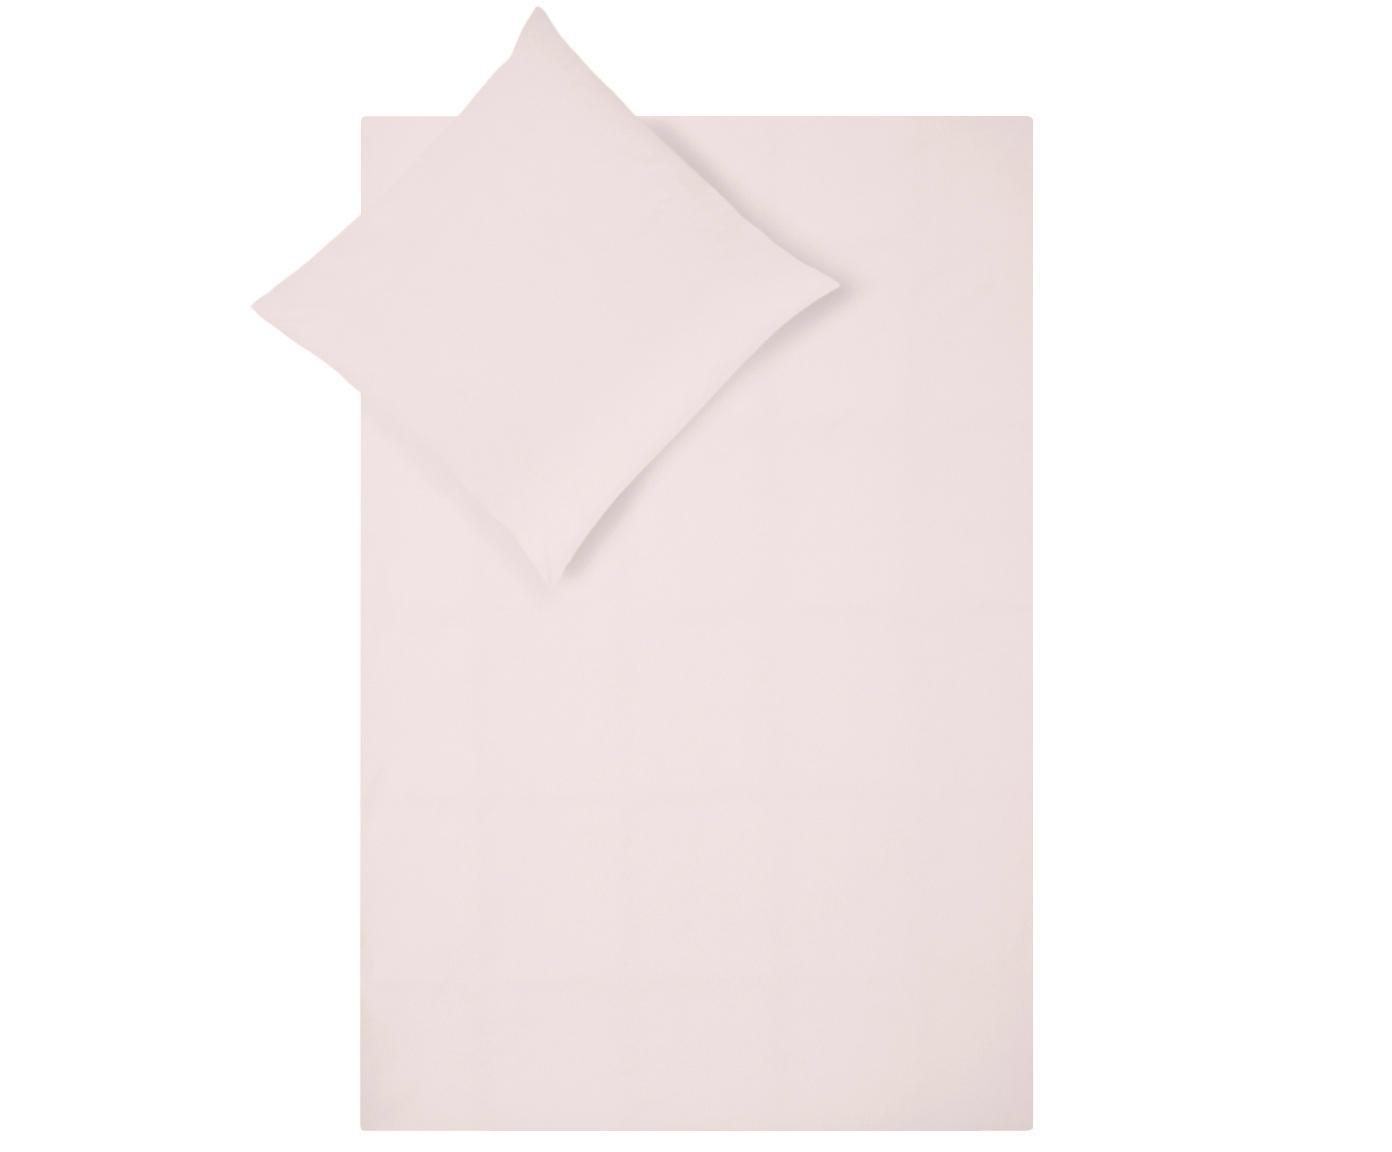 Baumwollperkal-Bettwäsche Elsie in Rosa, Webart: Perkal Fadendichte 200 TC, Rosa, 135 x 200 cm + 1 Kissen 80 x 80 cm